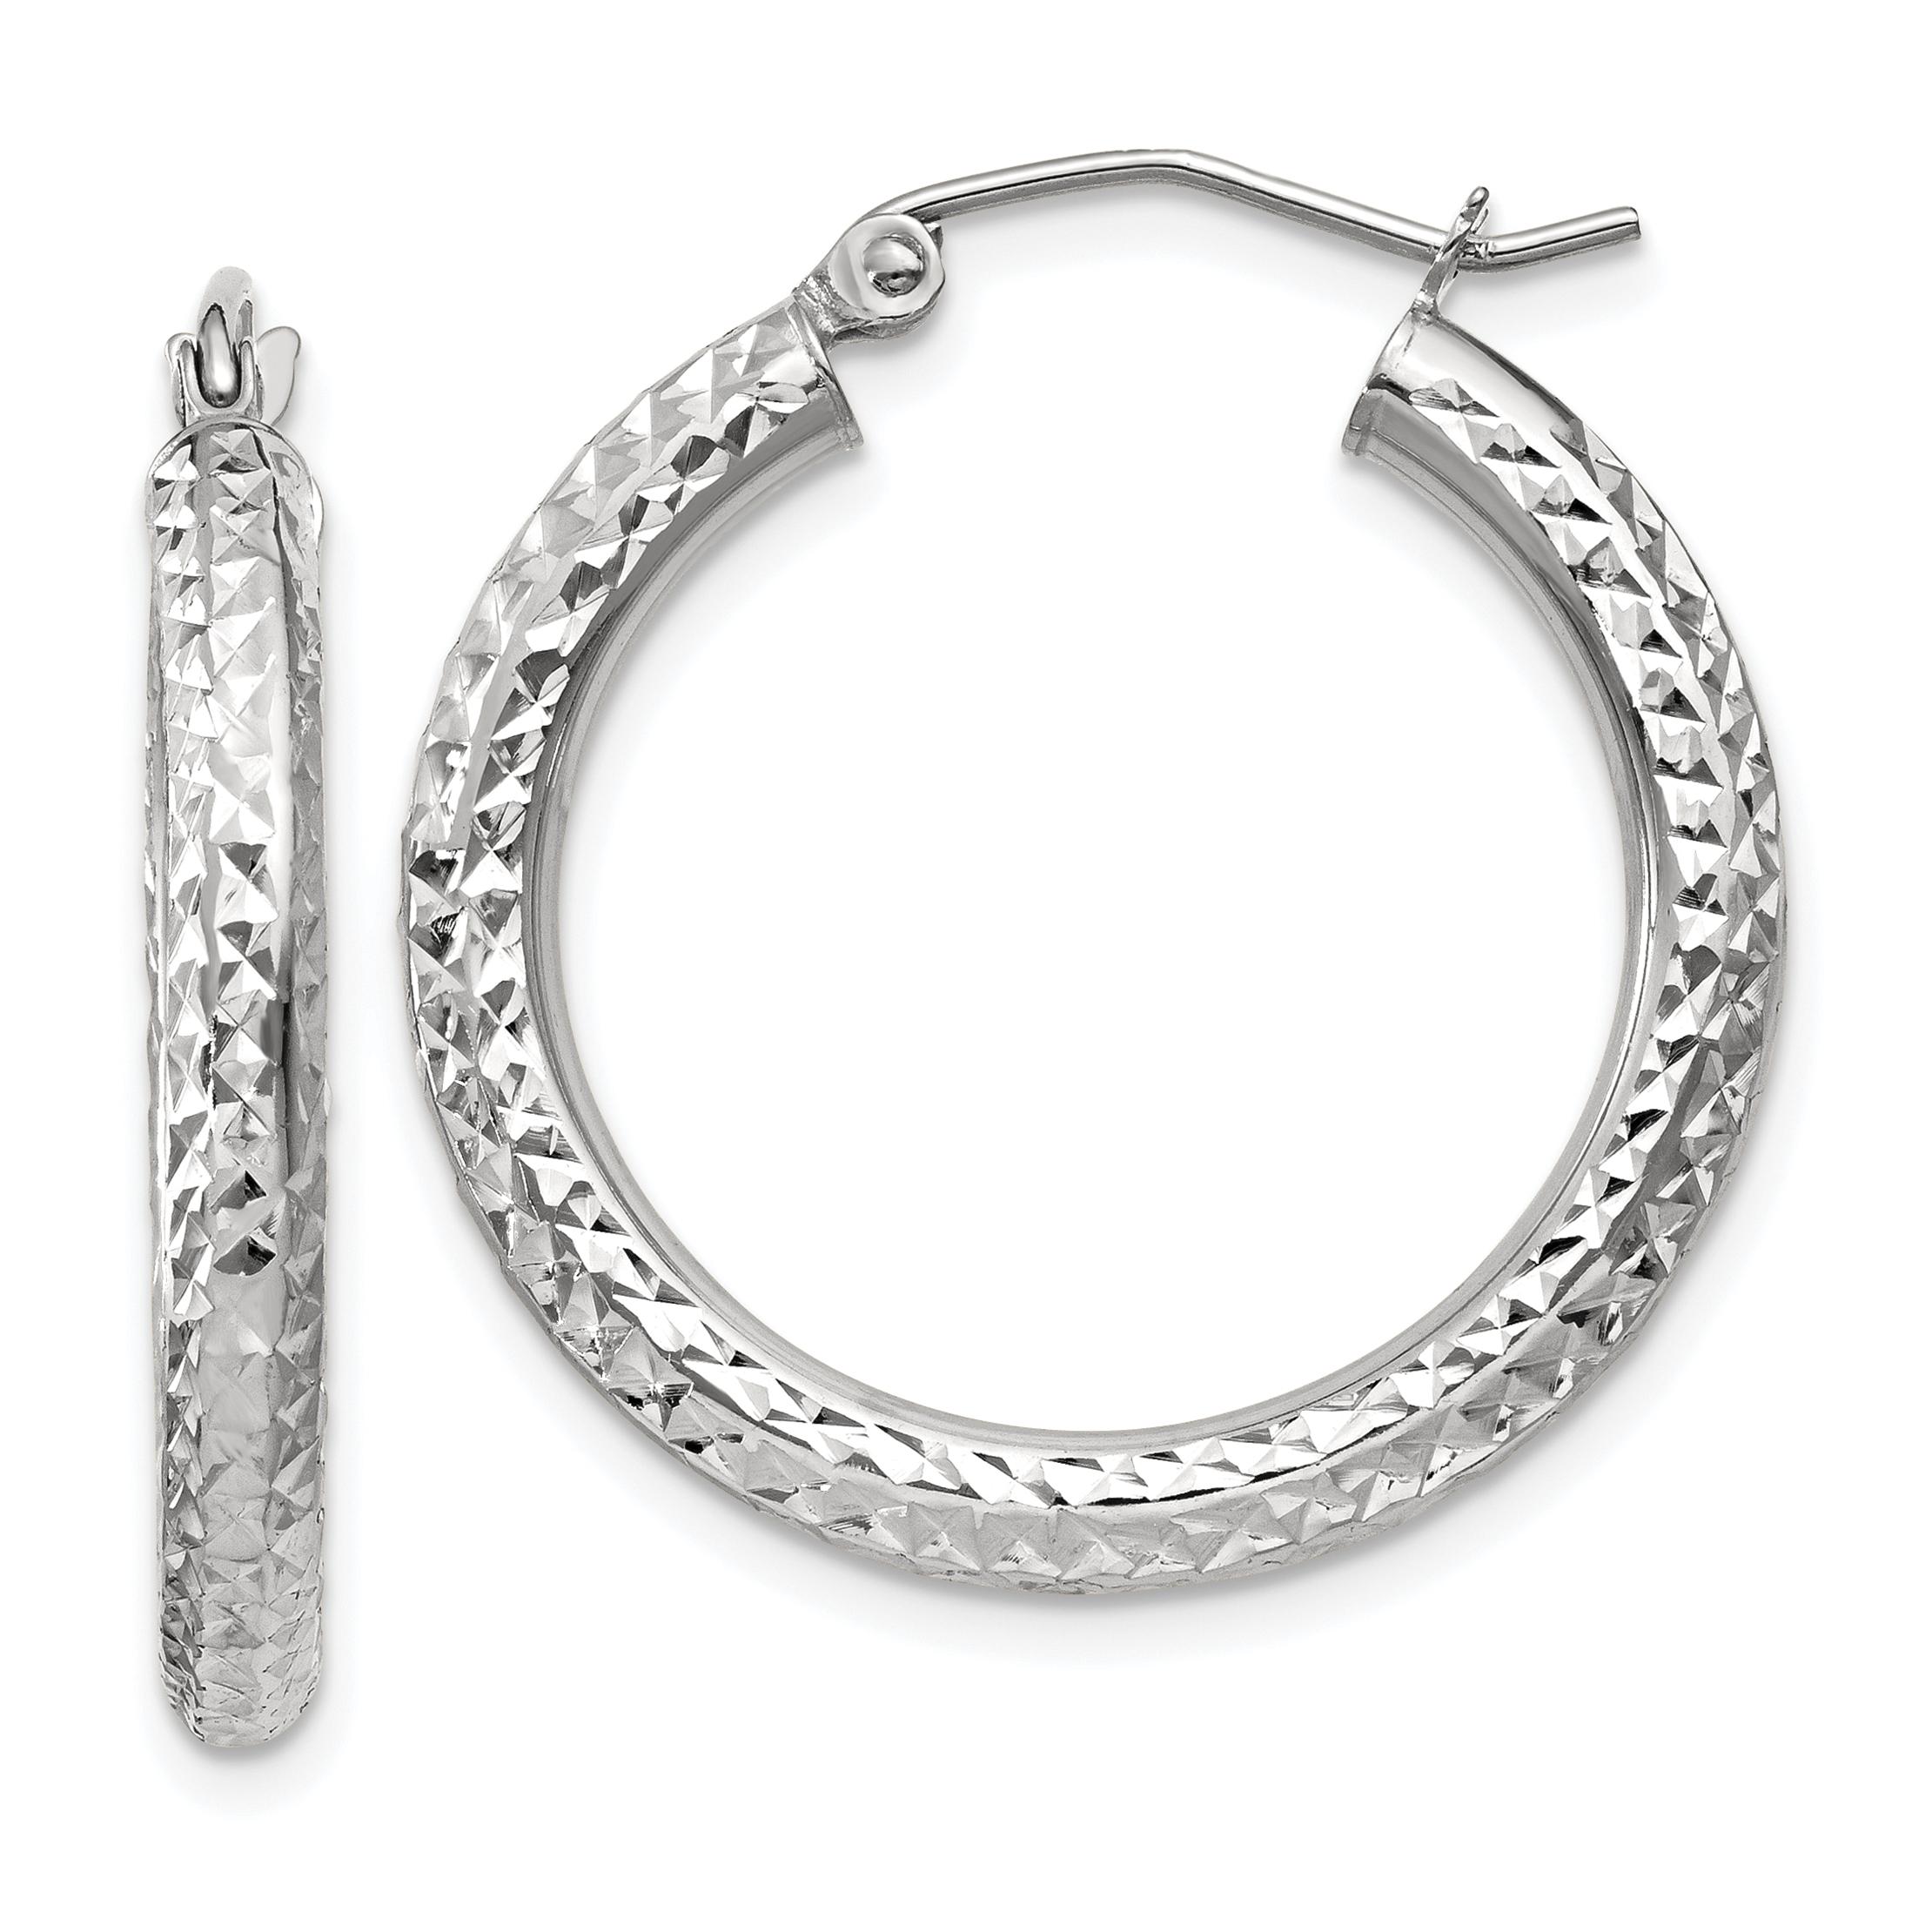 10k White Gold 3mm Round Hoop Earrings Ear Hoops Set Fine